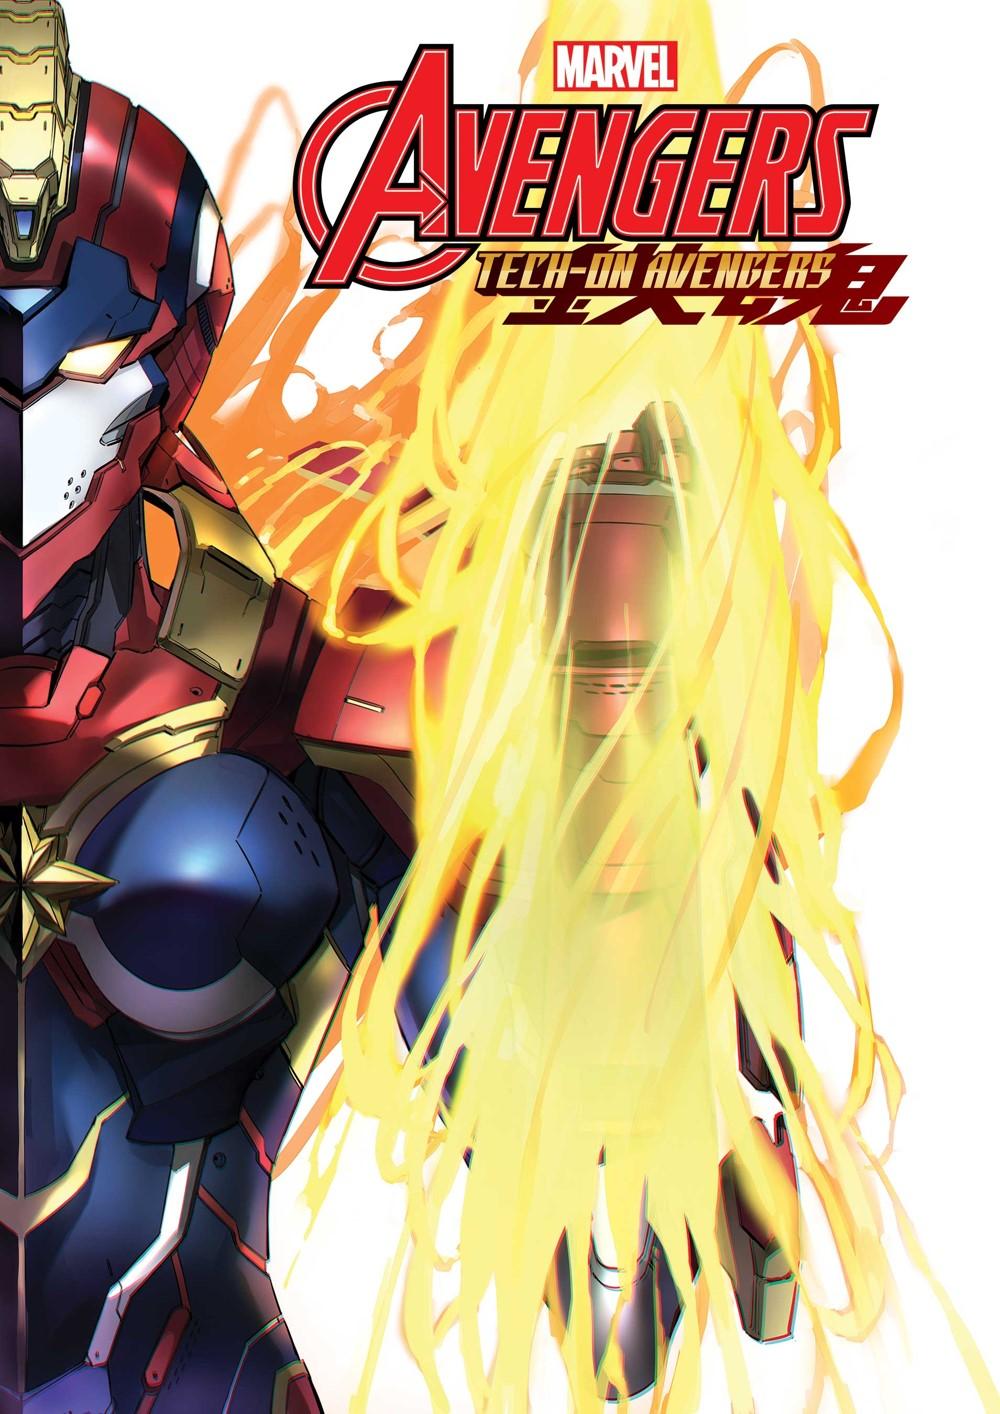 AVENTECHON2021003_Cov Marvel Comics October 2021 Solicitations